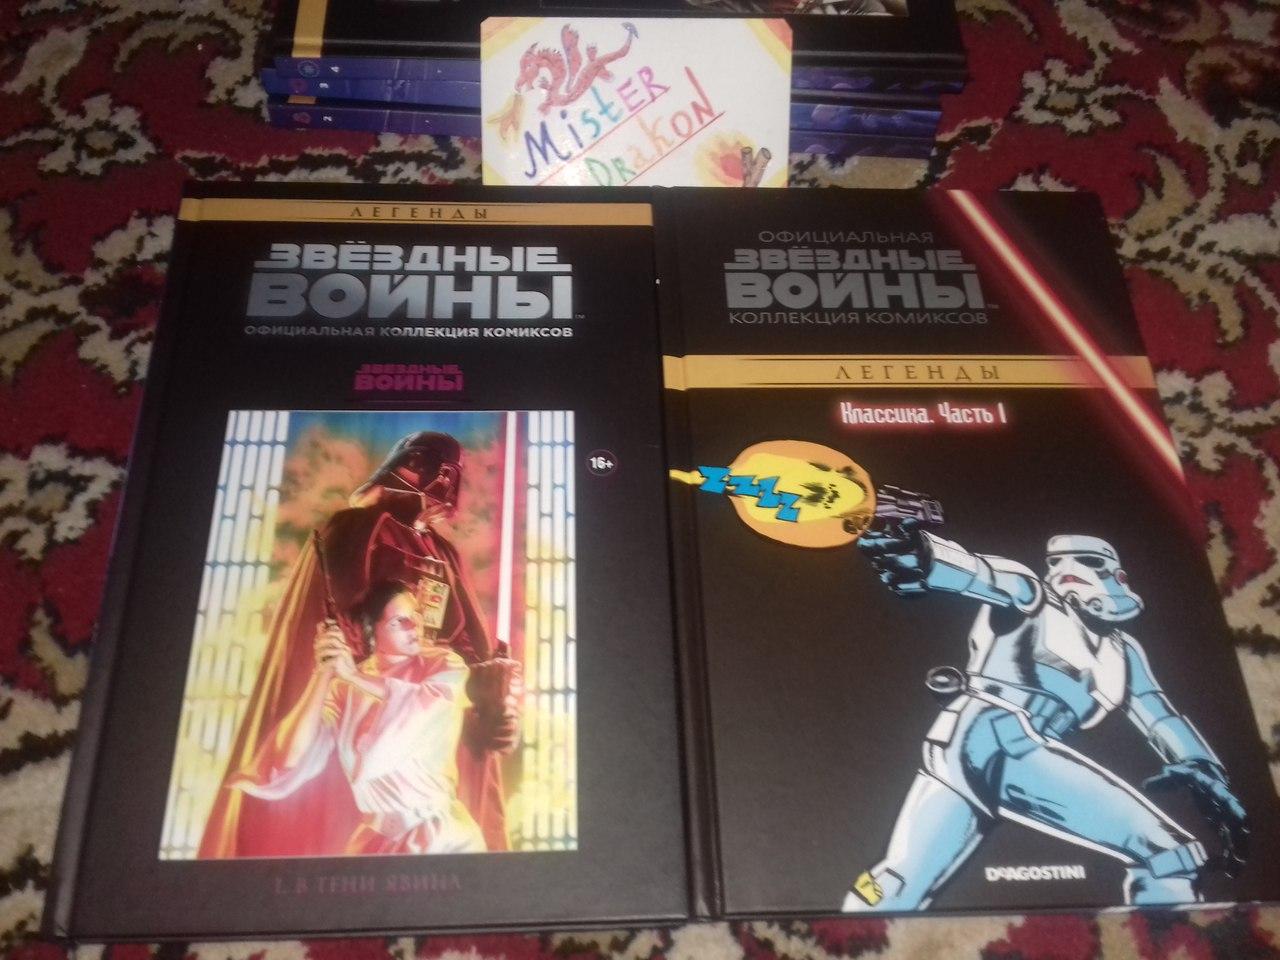 Звёздные Войны. Официальная коллекция комиксов №1 - Классика. Часть 1